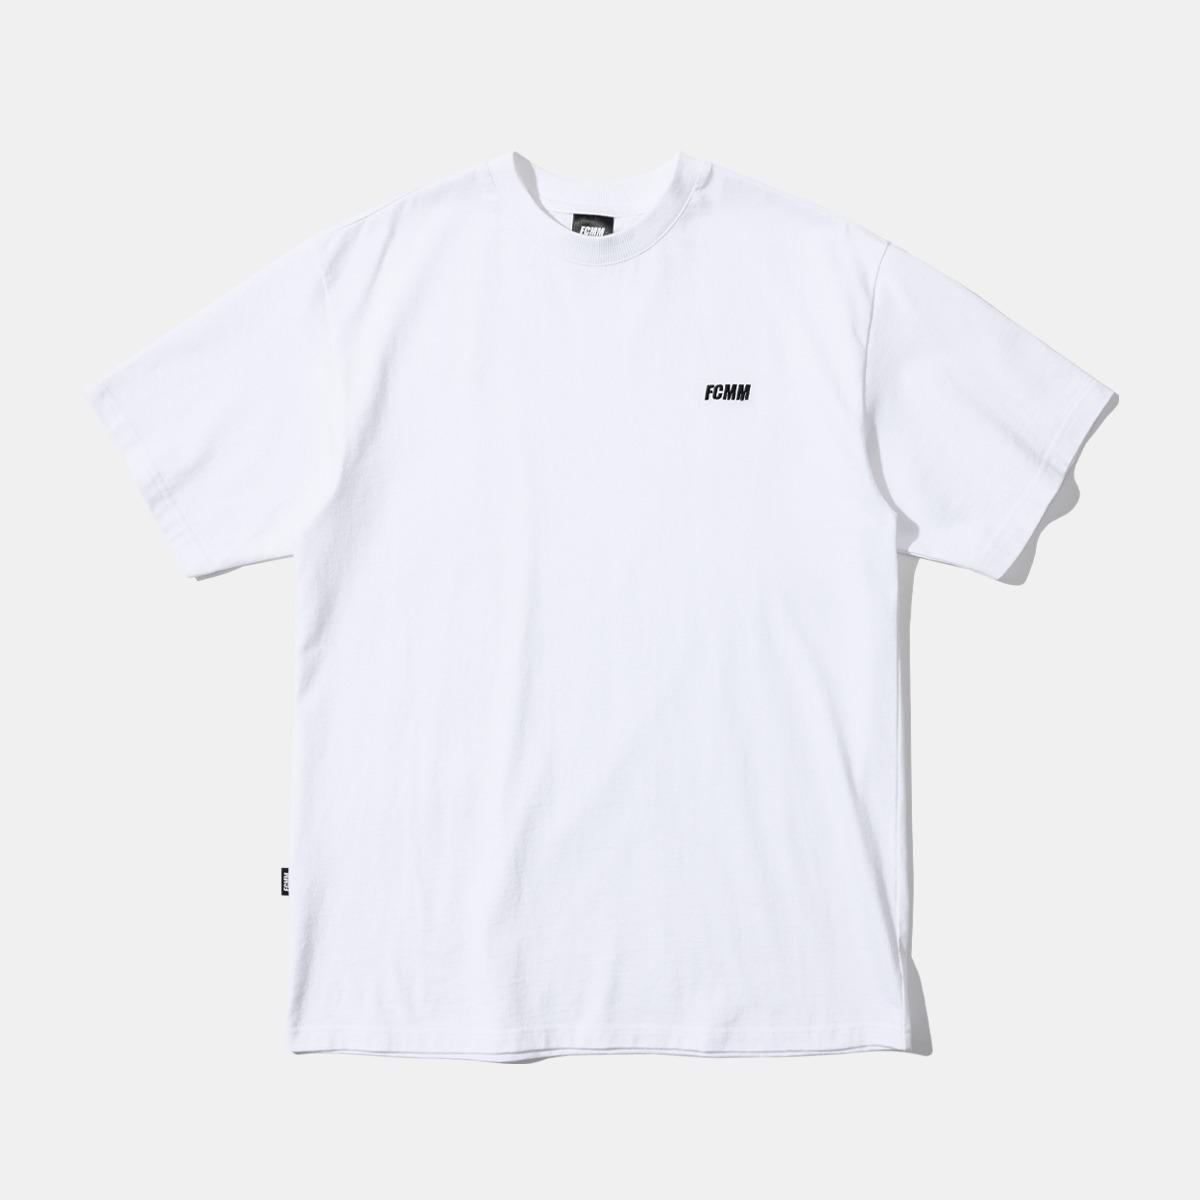 클럽 팀 프레쉬 코튼 티셔츠 - 화이트(05월 20일 순차발송)